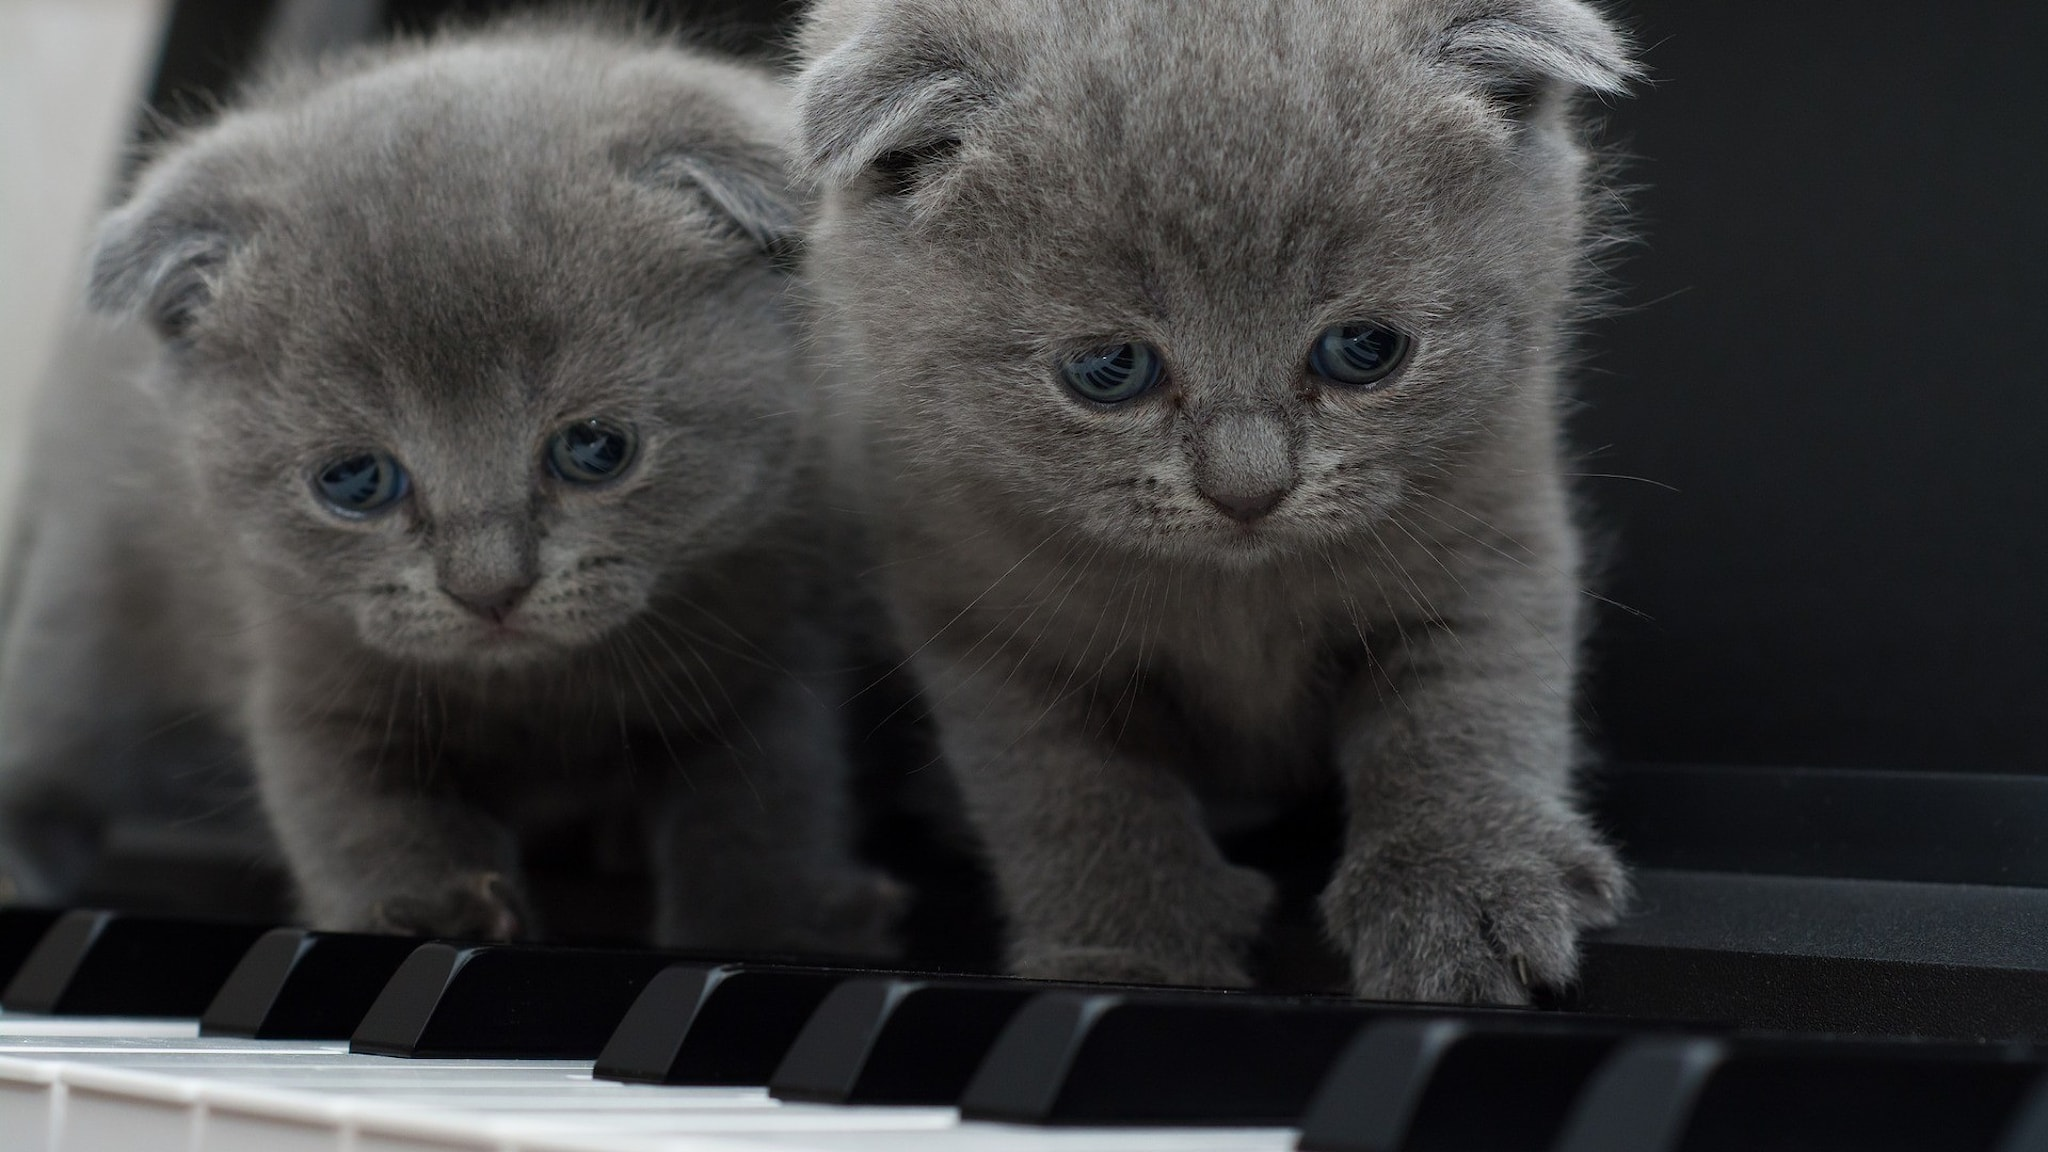 Två grå kattungar på pianotangenter